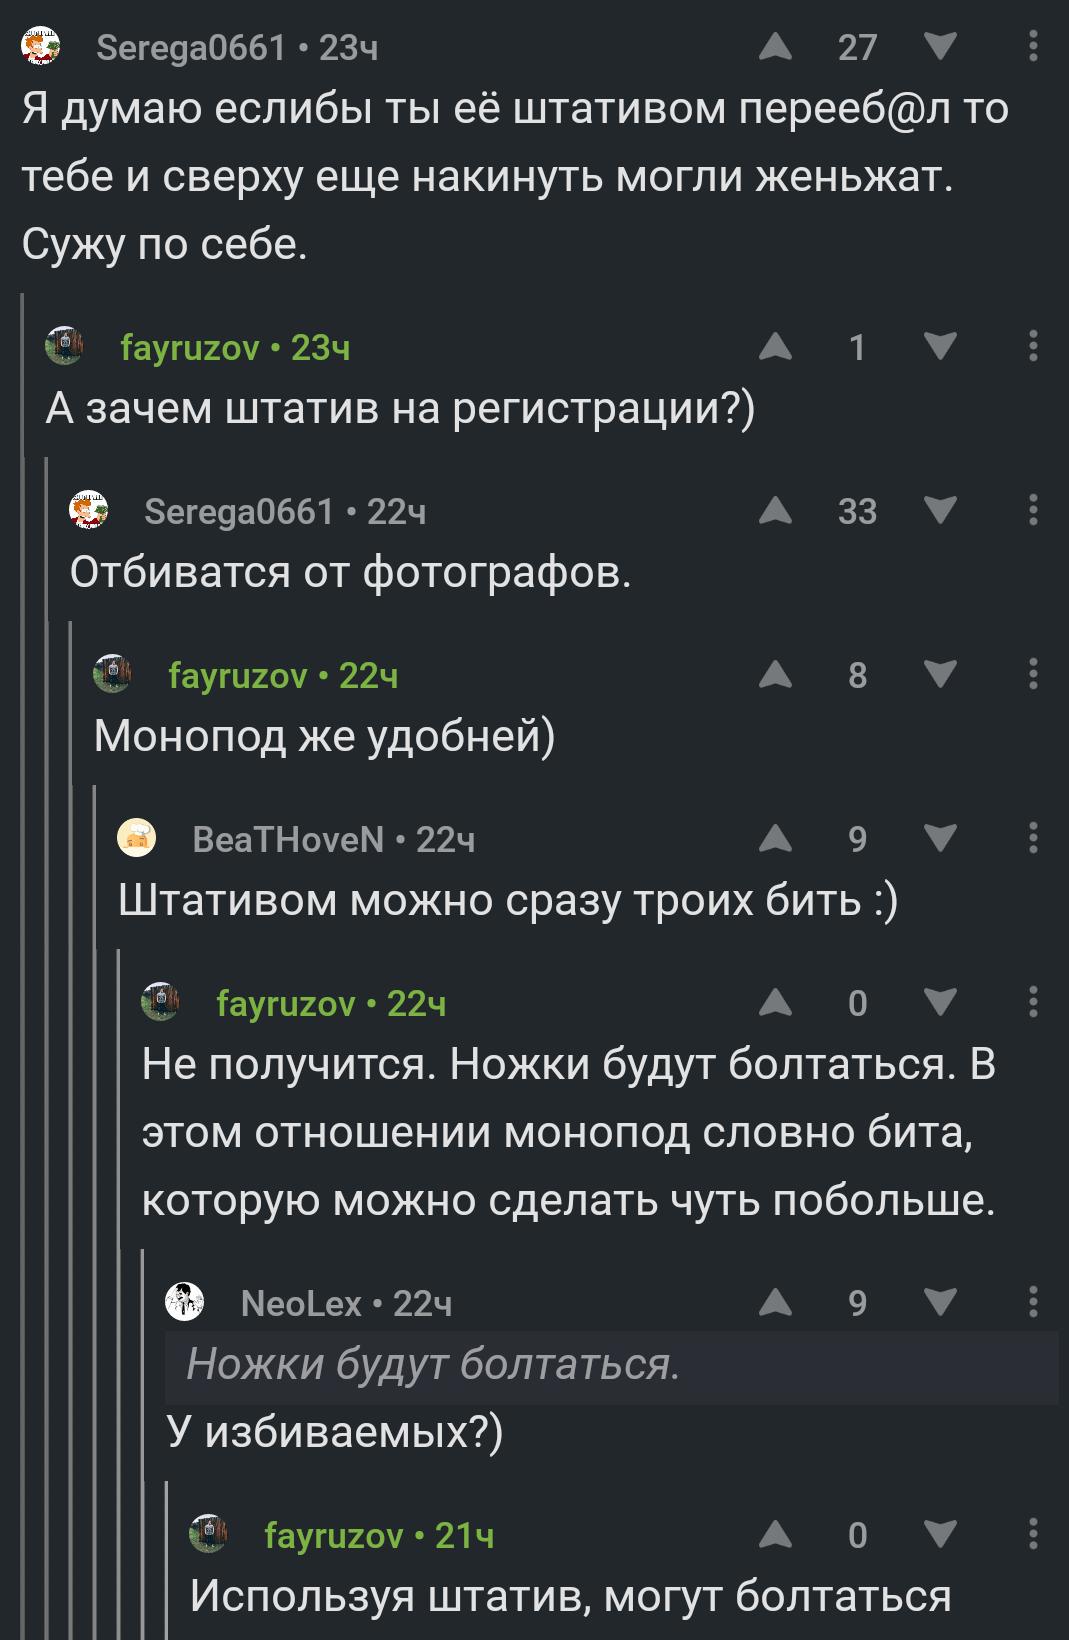 Комментарии фотографу работа в ночь для девушек в челябинске